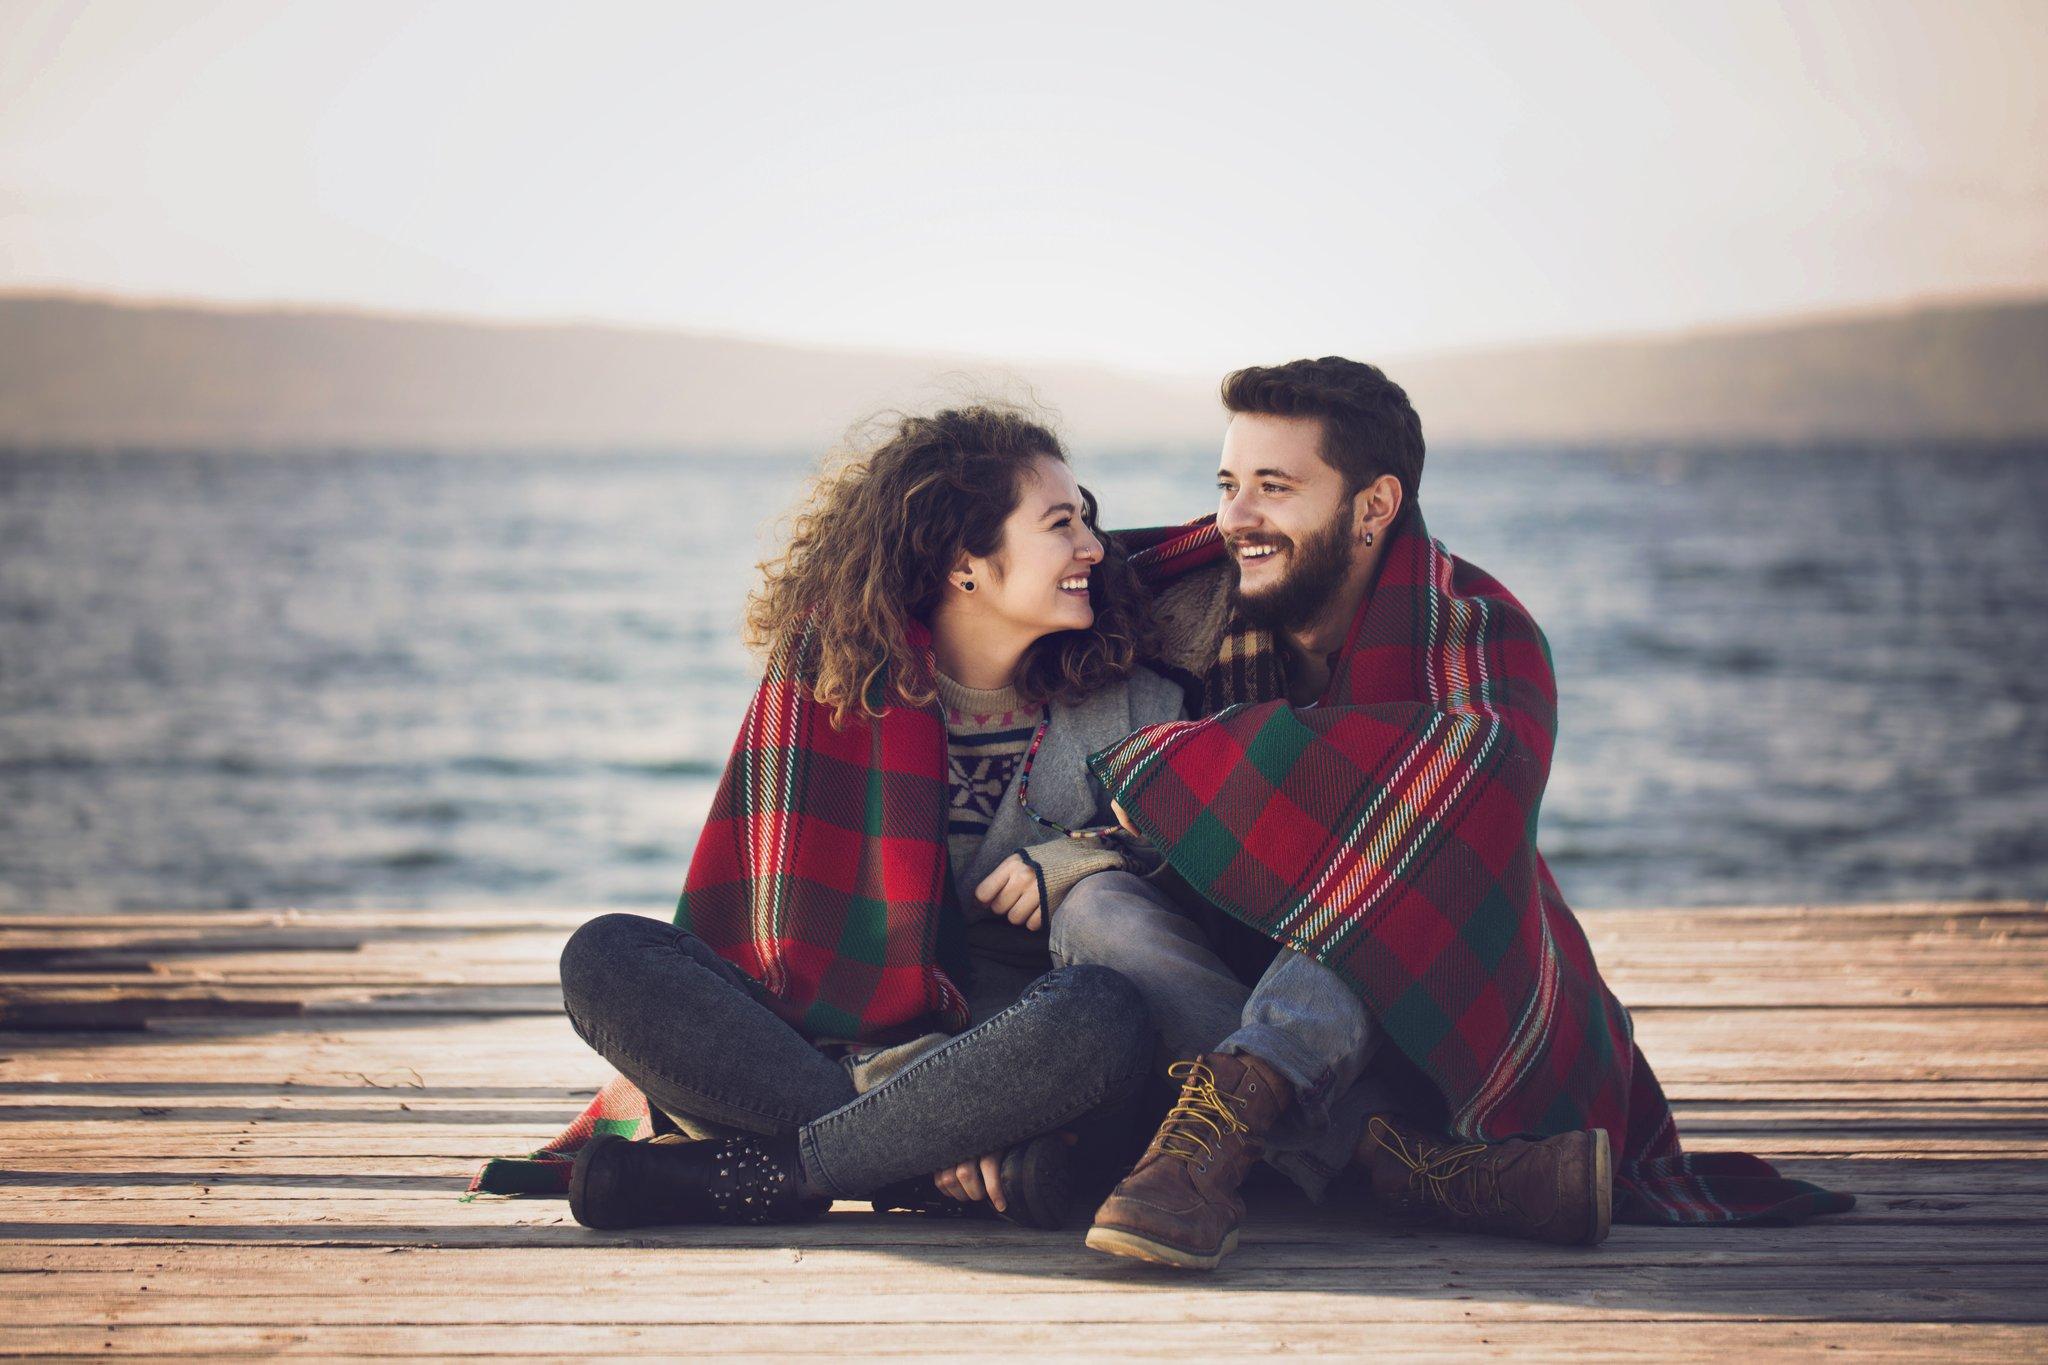 صورة صور رومانسيه للعشاق , اجمل تصاميم عاطفية عن الحب